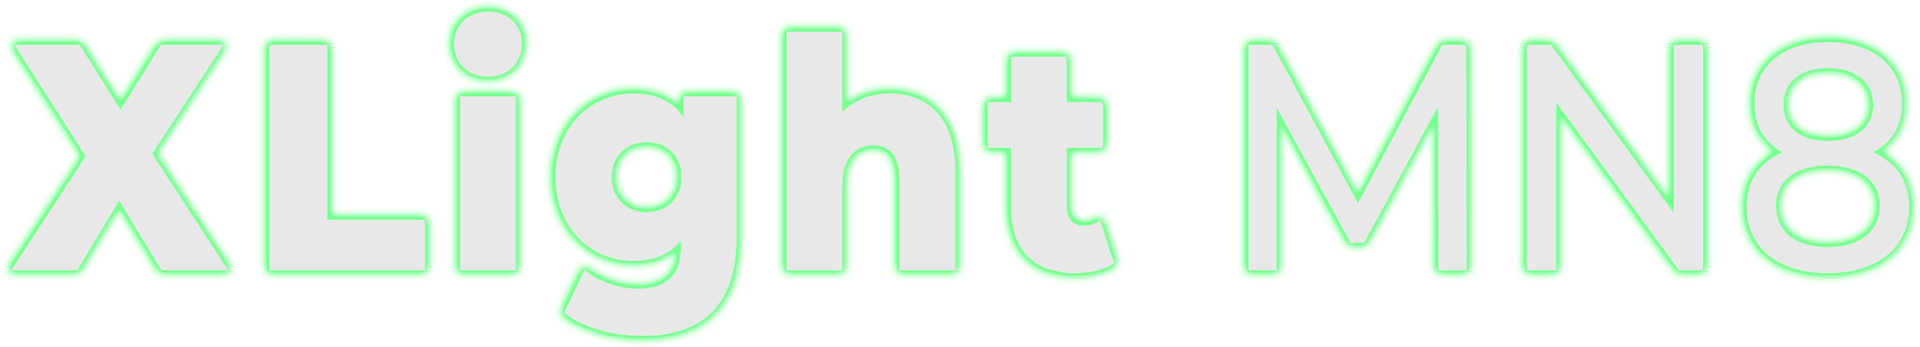 X Light MN8